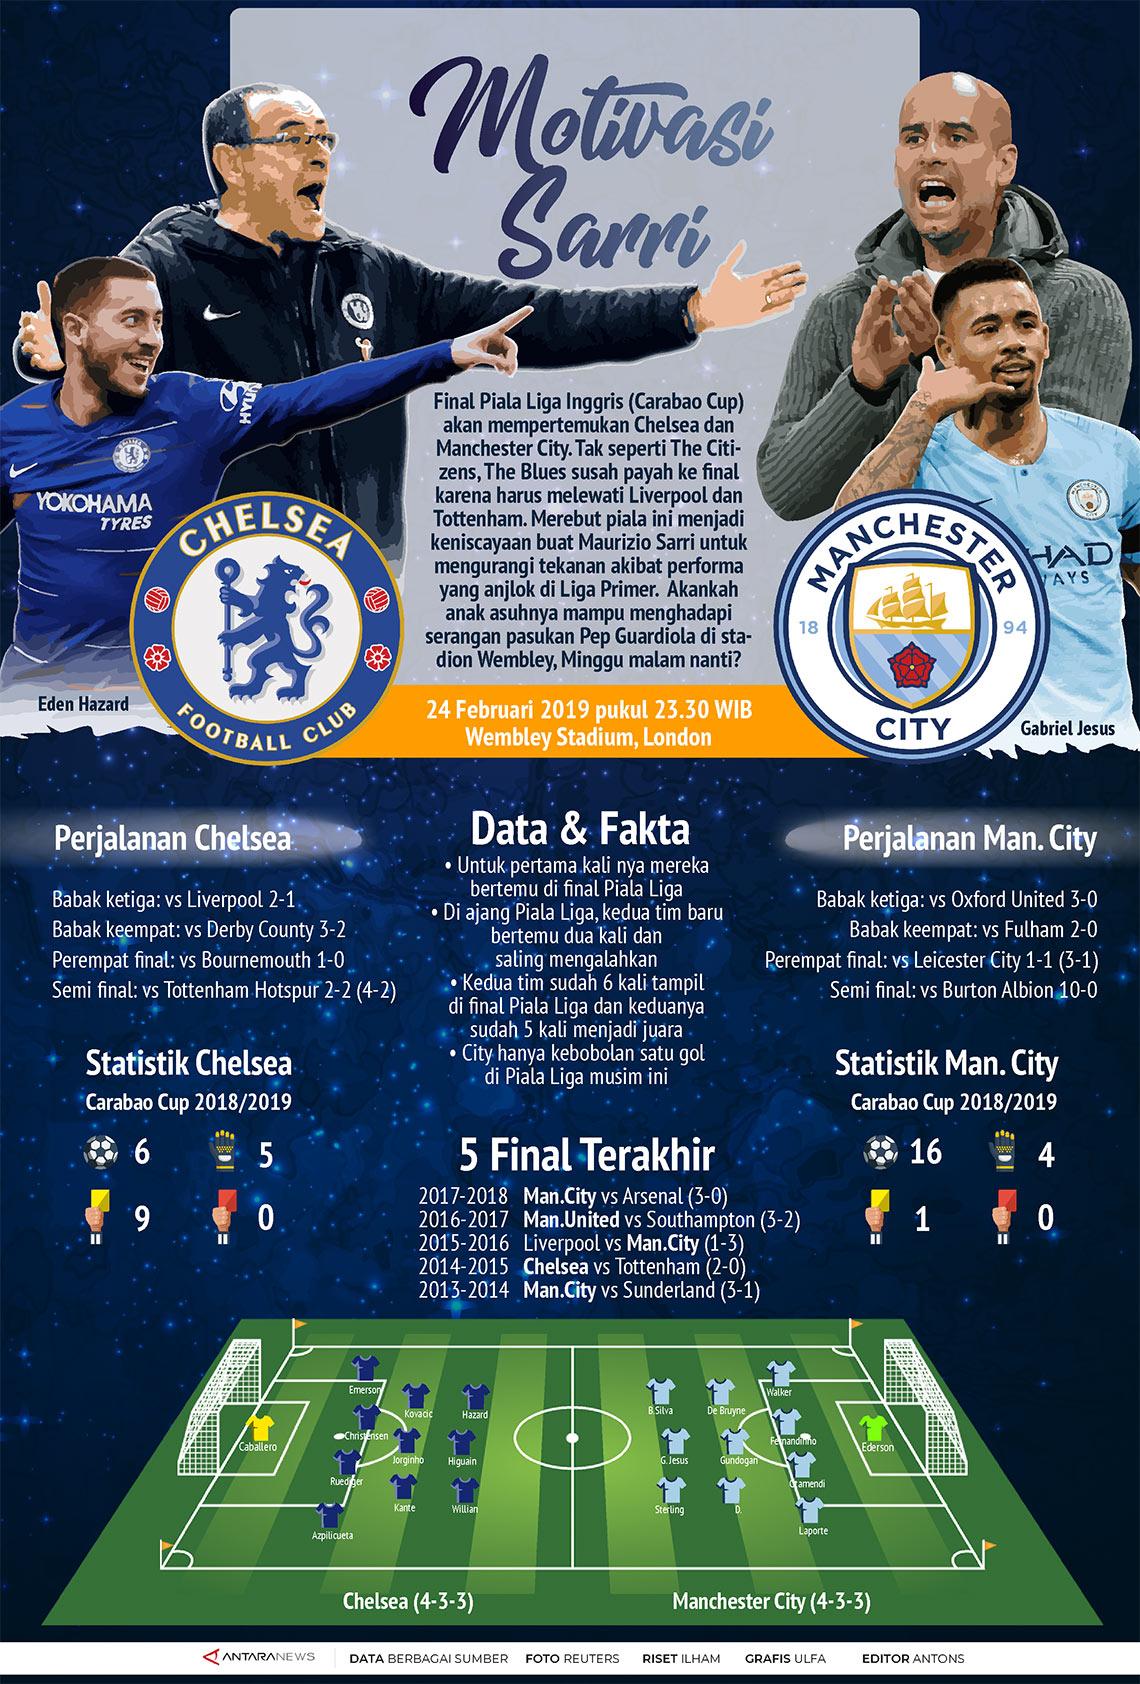 Final Piala Liga: Chelsea vs Man City